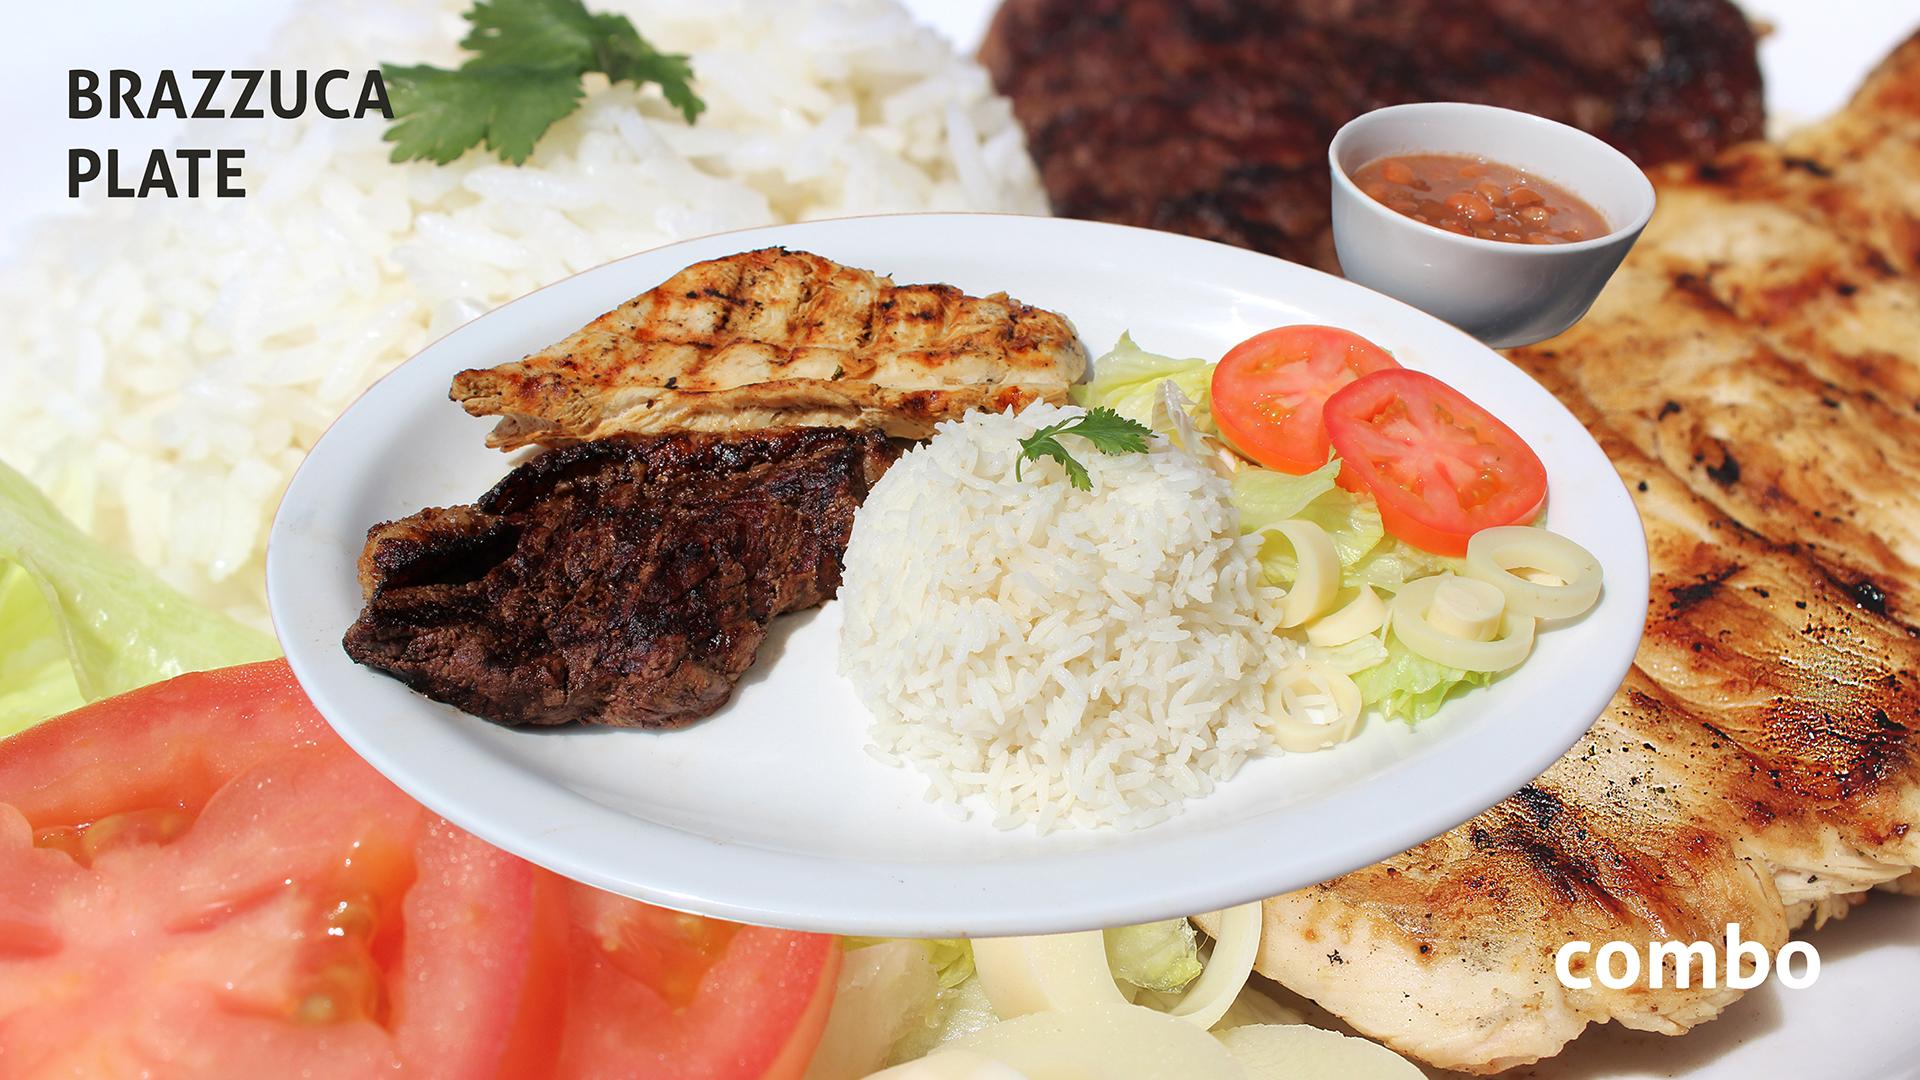 BRAZZUCA COMBO dish.jpg